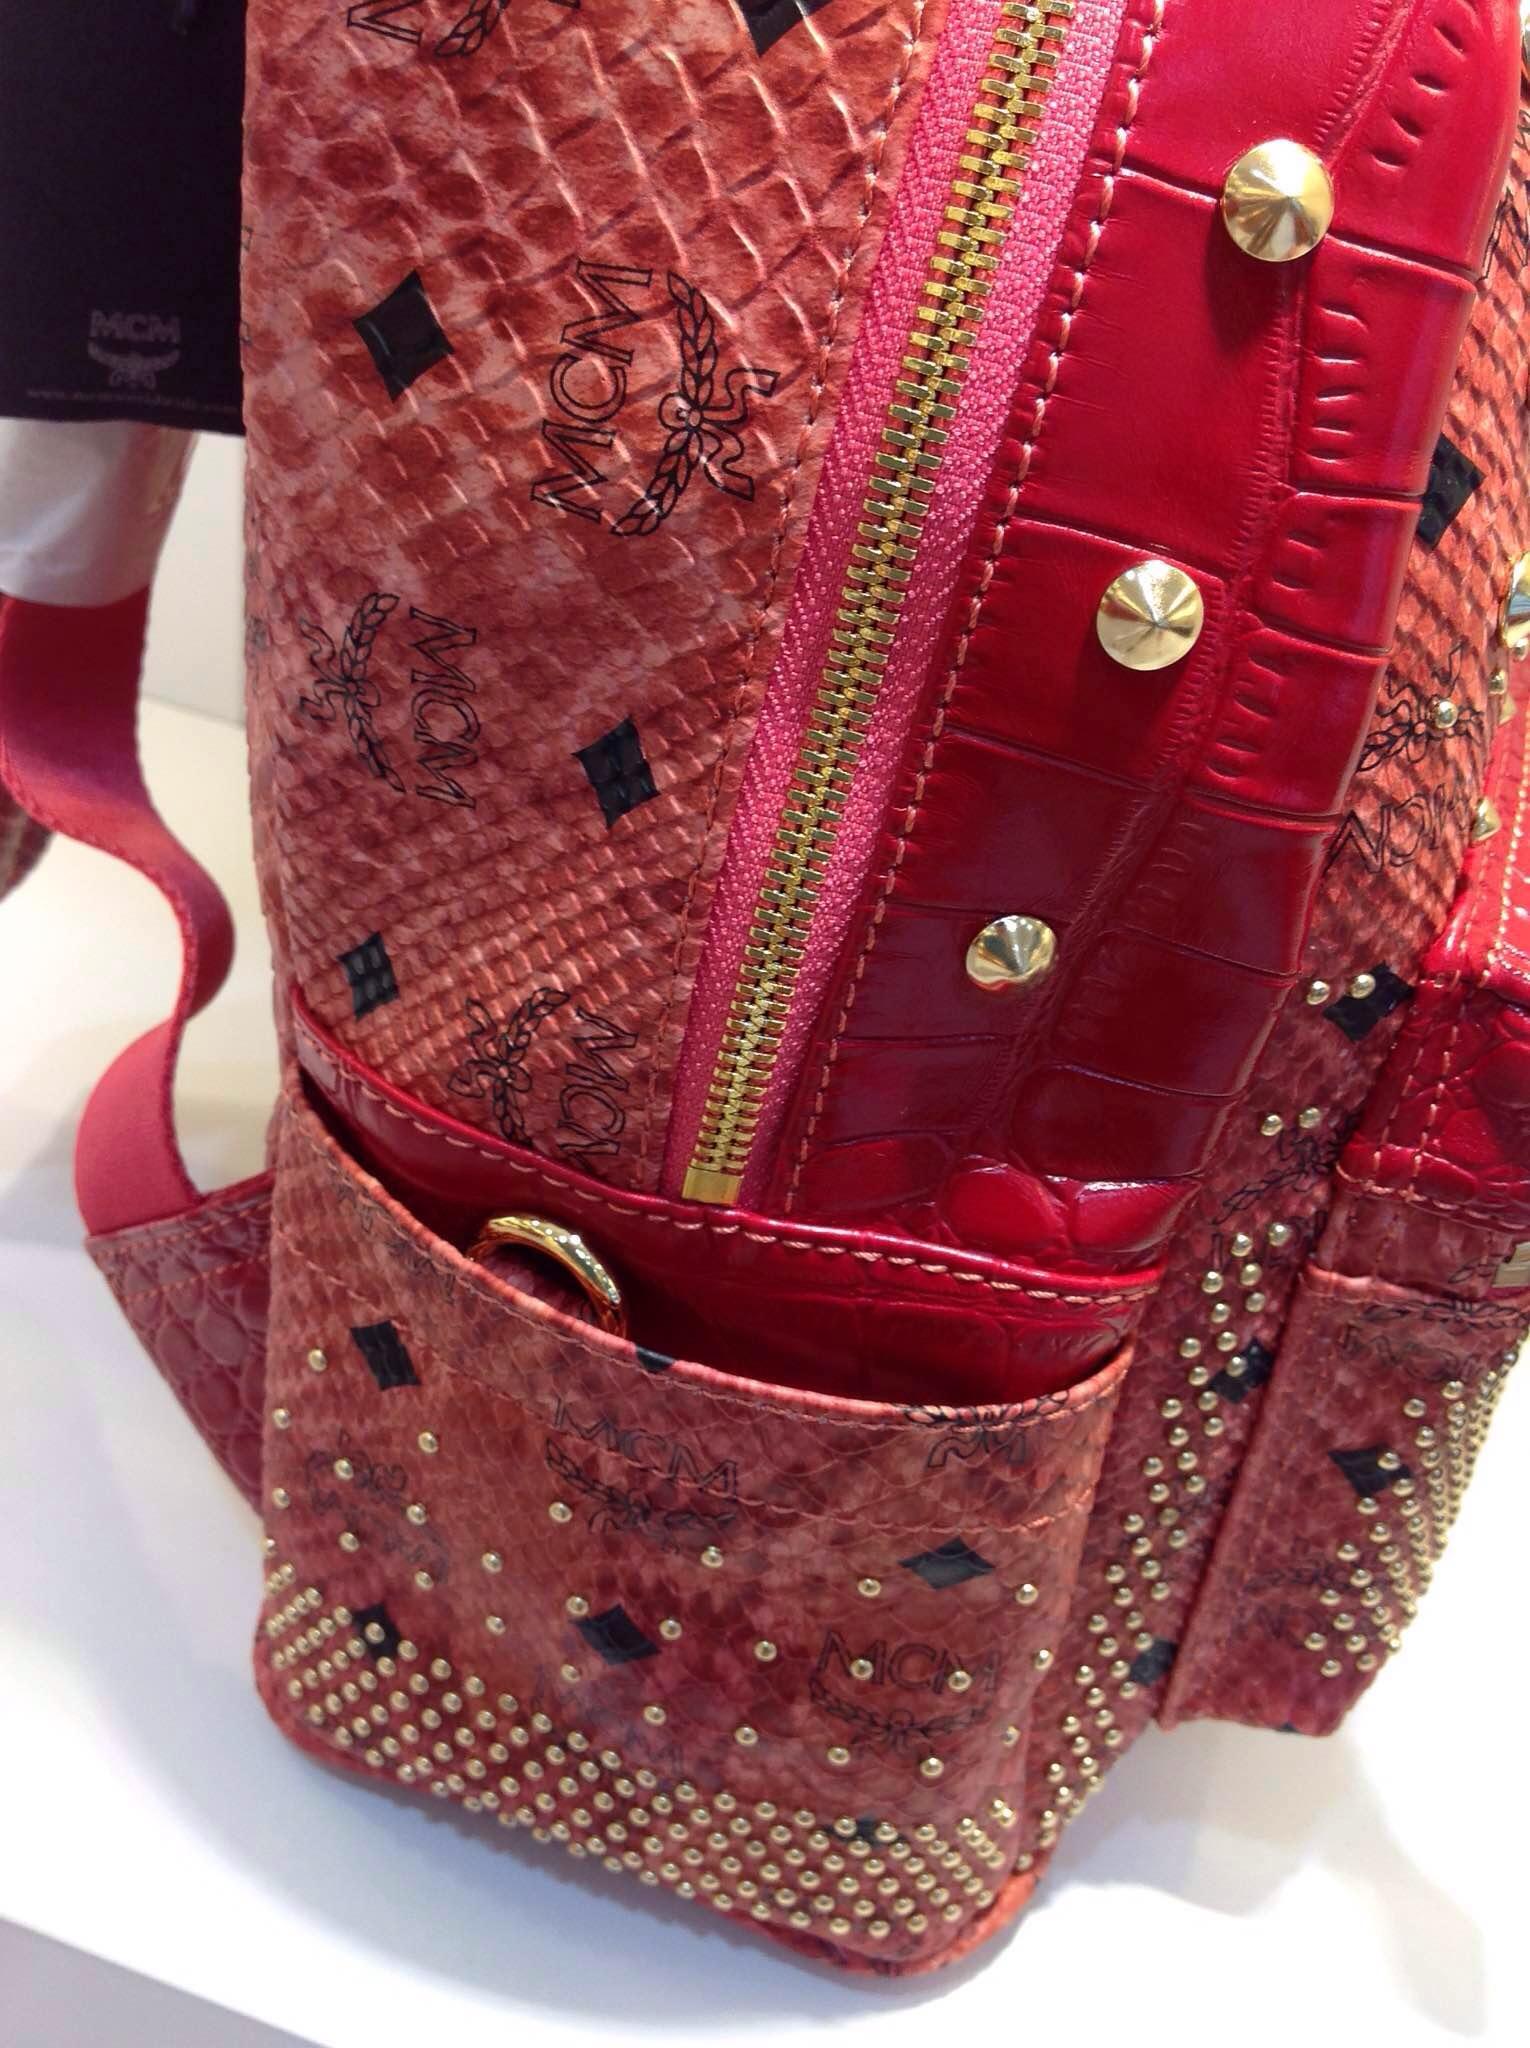 MCM蛇纹系列经典款 原版皮女士双肩包 顶级工艺背包 包包批发